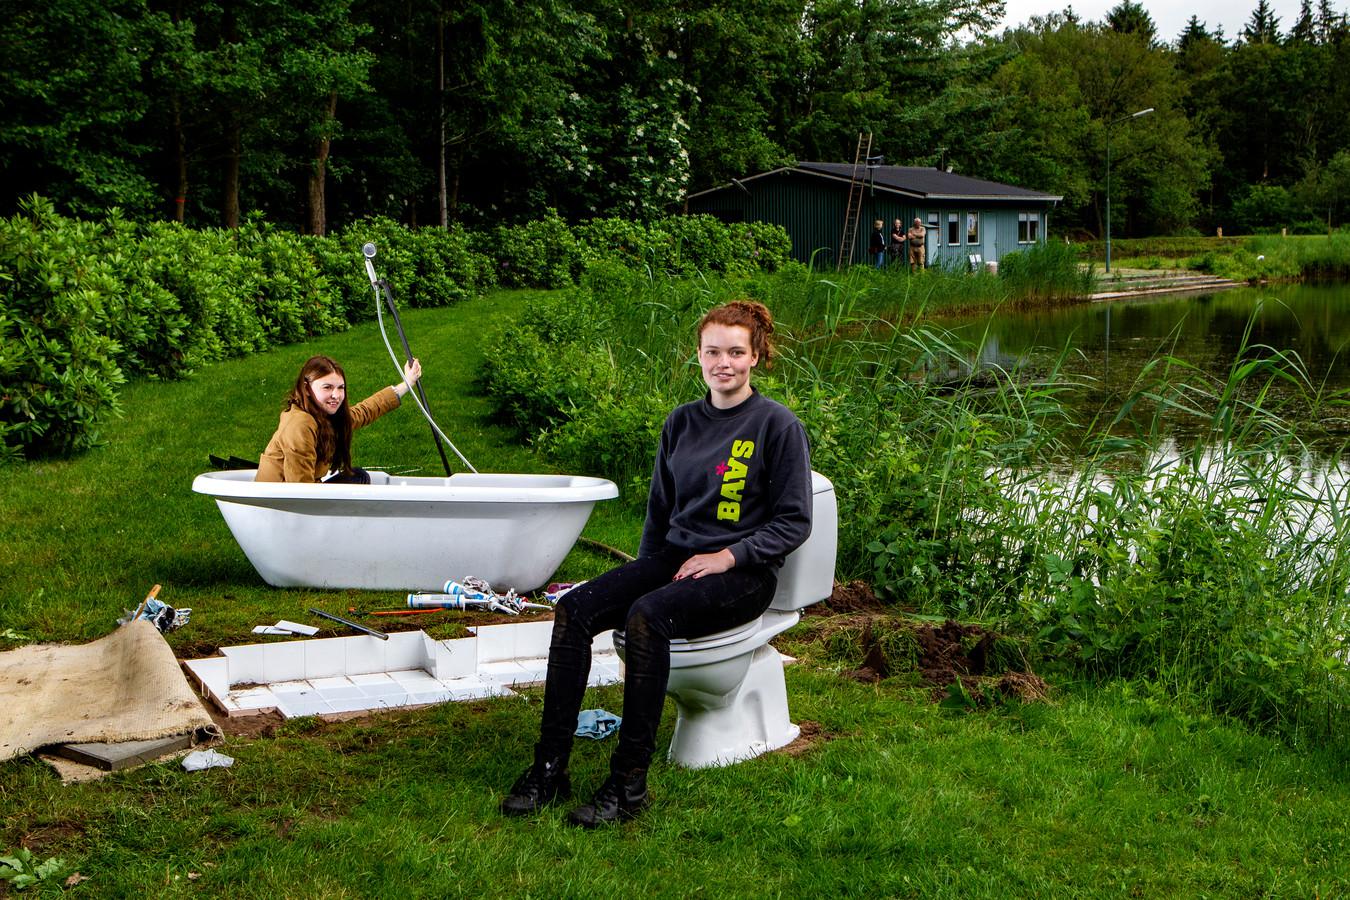 Babet Kanis (rechts) en Elise Horning zetten een badkamer op langs de Bosbaan in Okkenbroek.